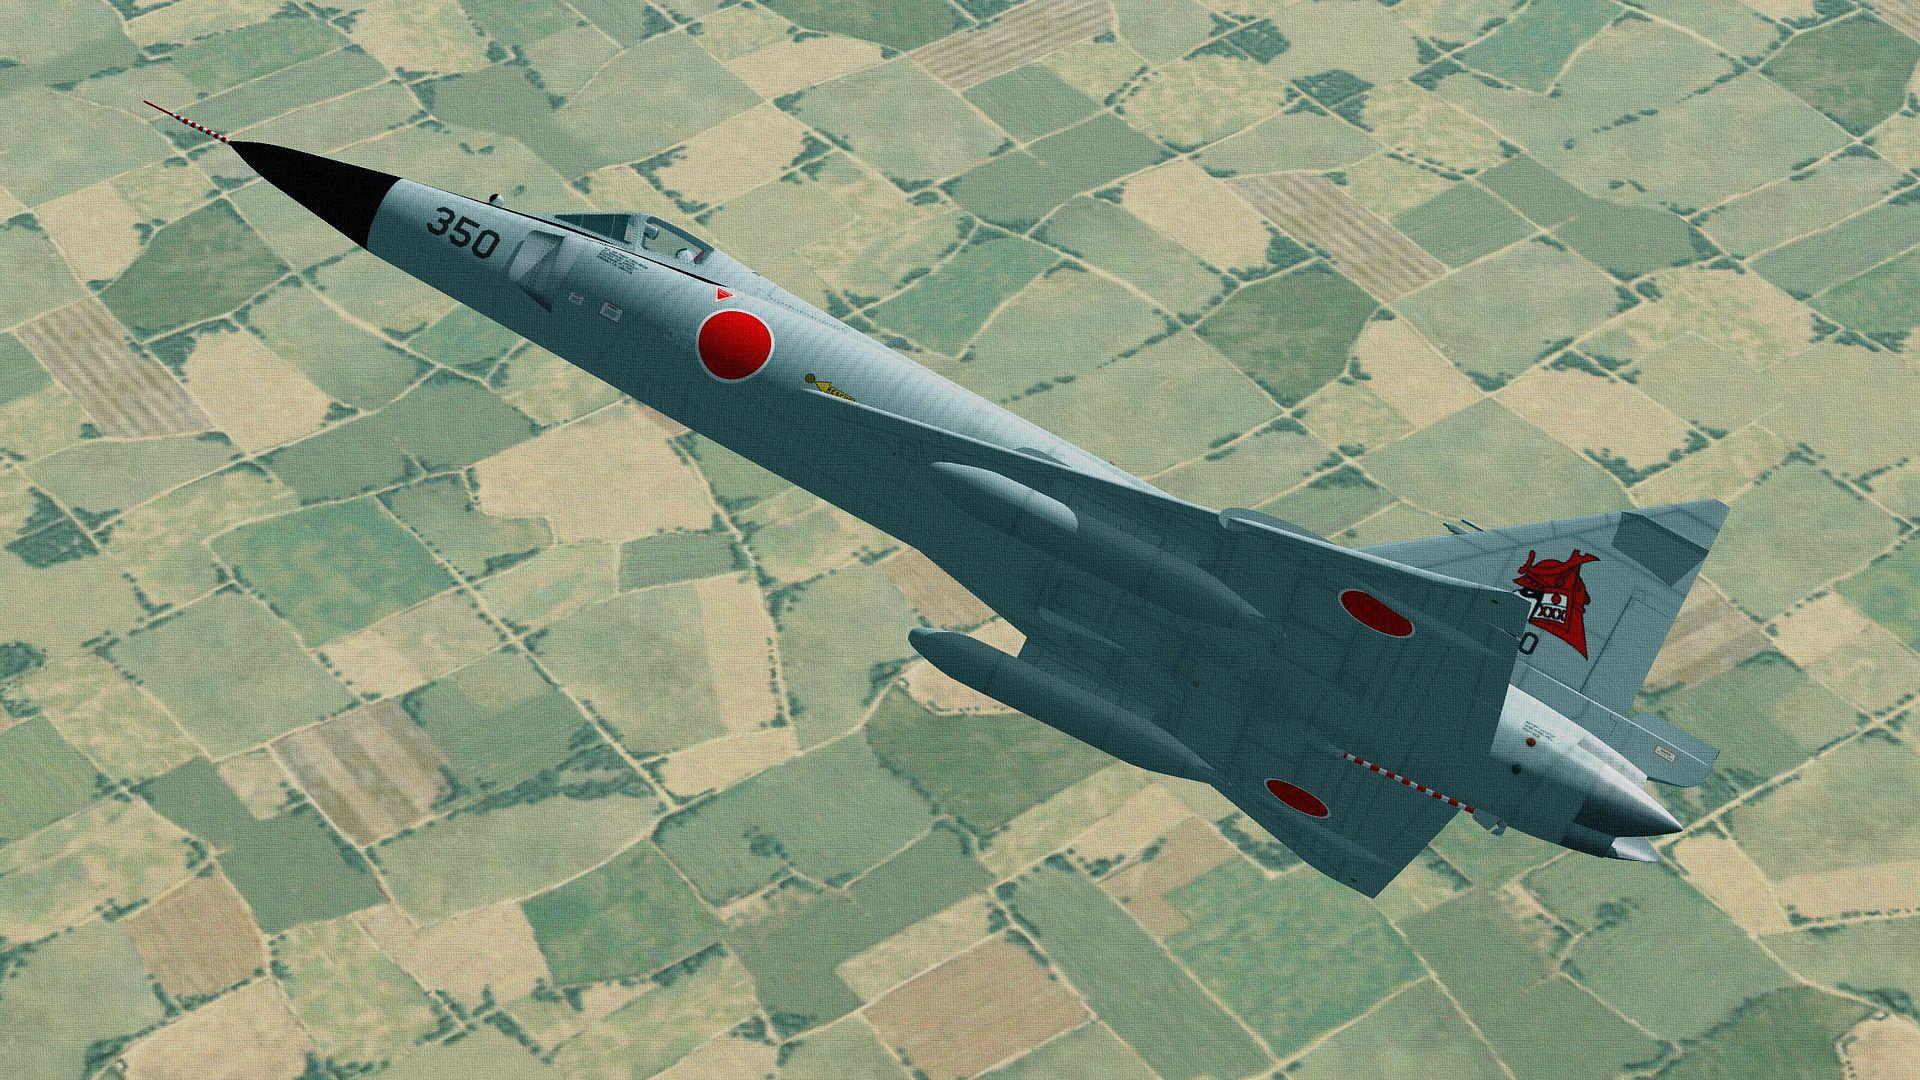 JASDF%20F-102A%20DELTA%20DAGGER.05_zps5l